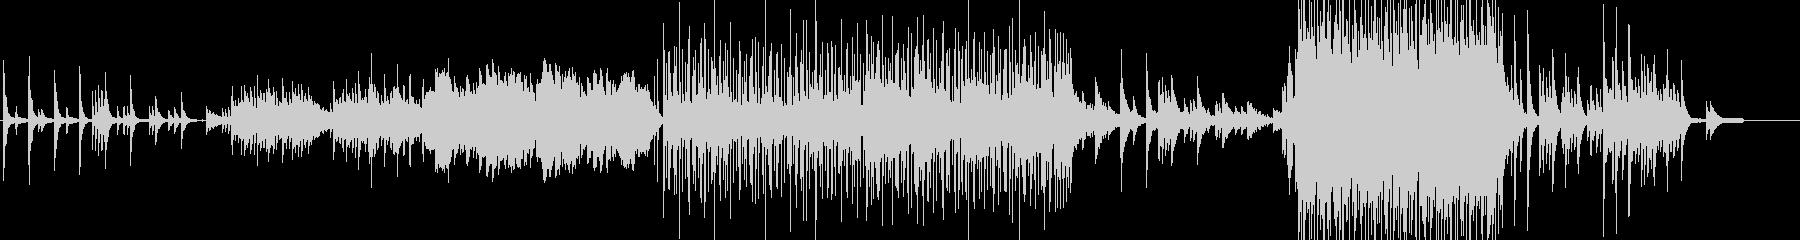 ピアノとフルートを中心としたヒーリングの未再生の波形